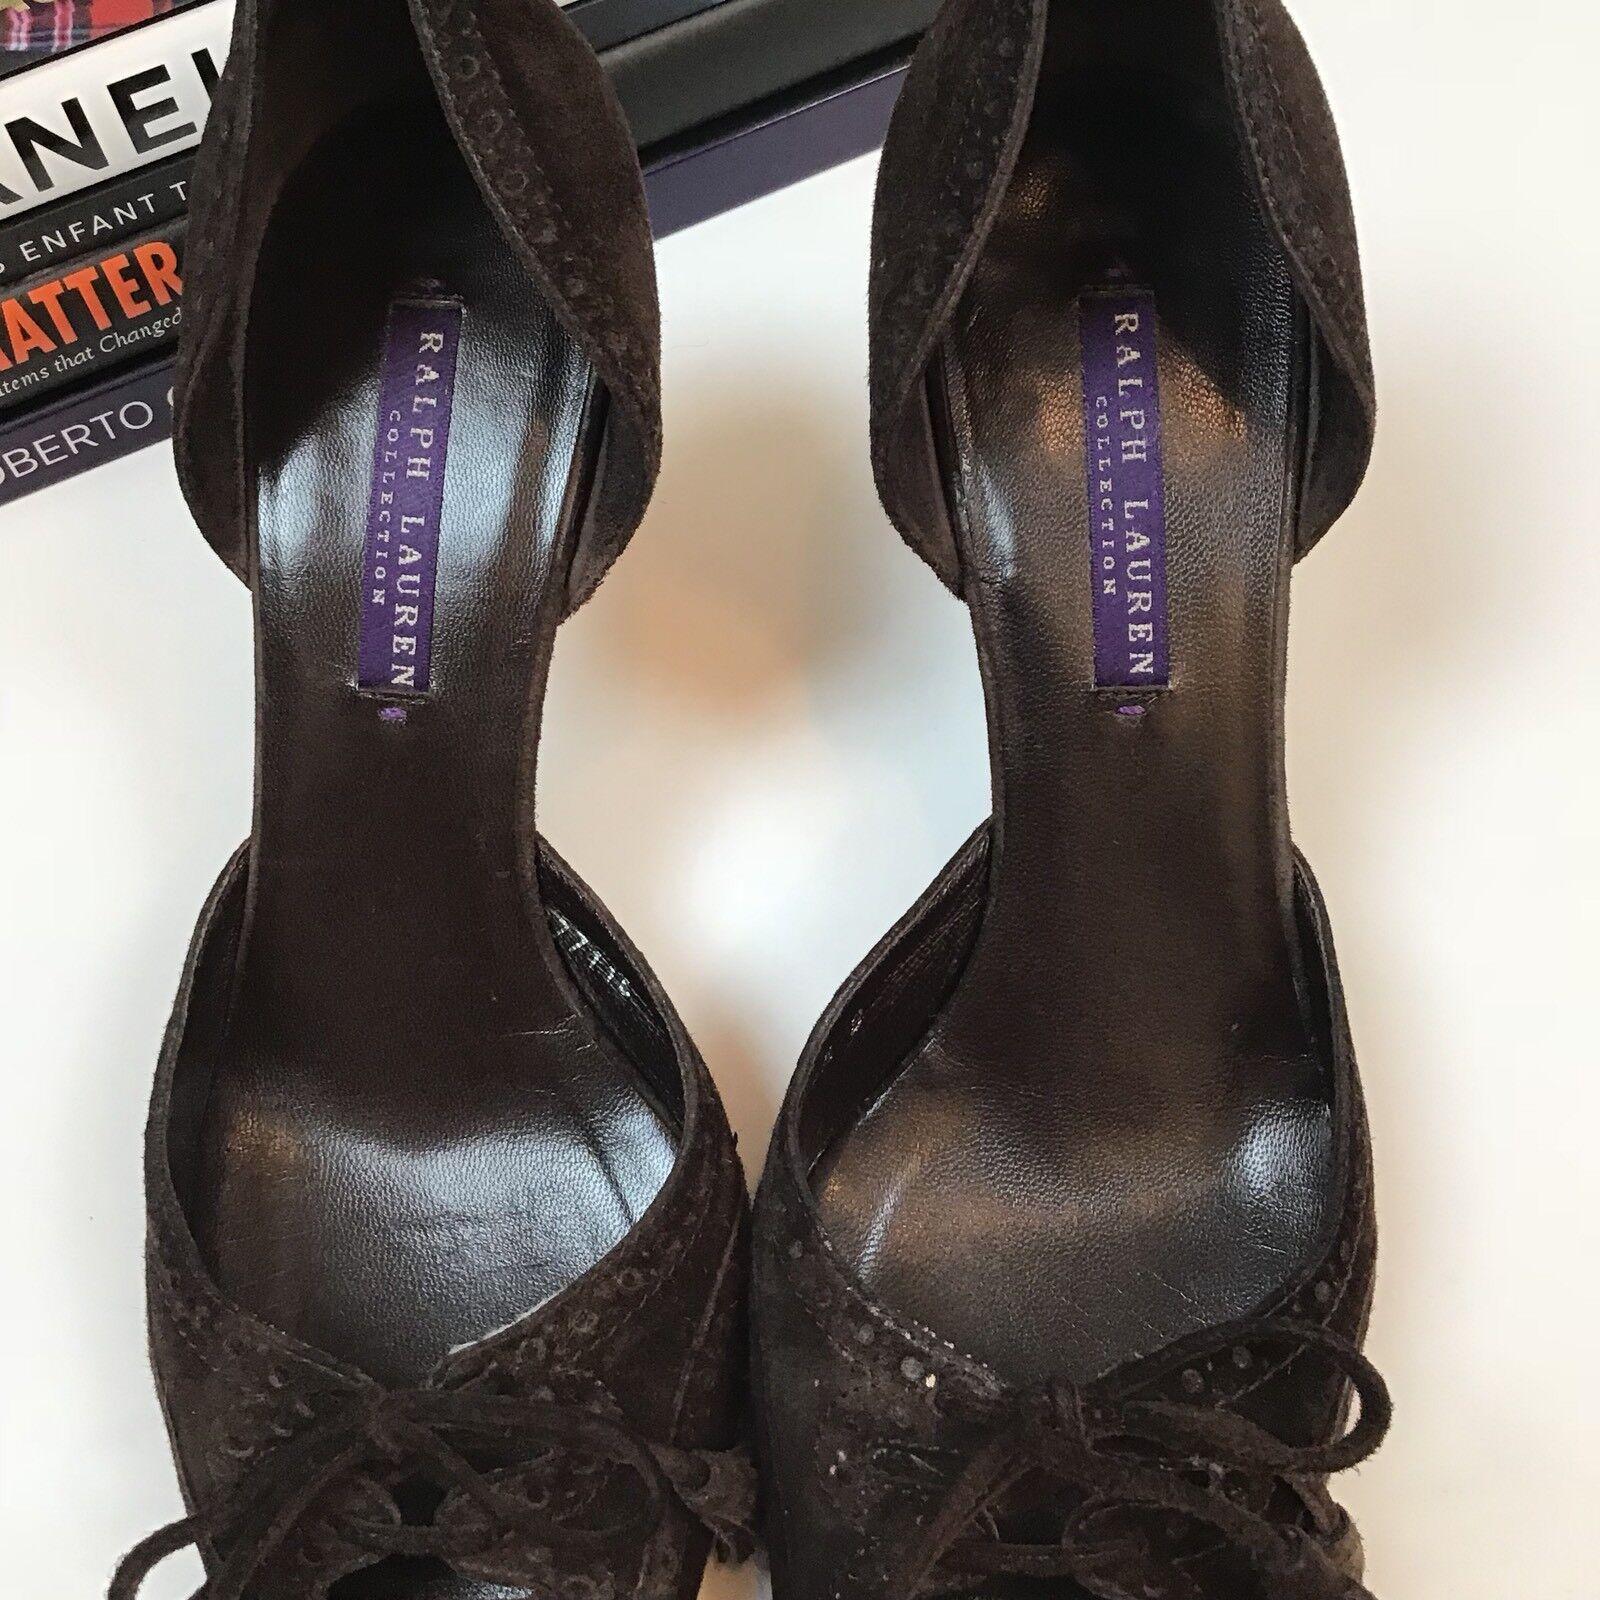 Ralph Lauren Lauren Lauren Collection lila Label Heels 8.5 B braun Printed Toe Suede Bow 4de40a